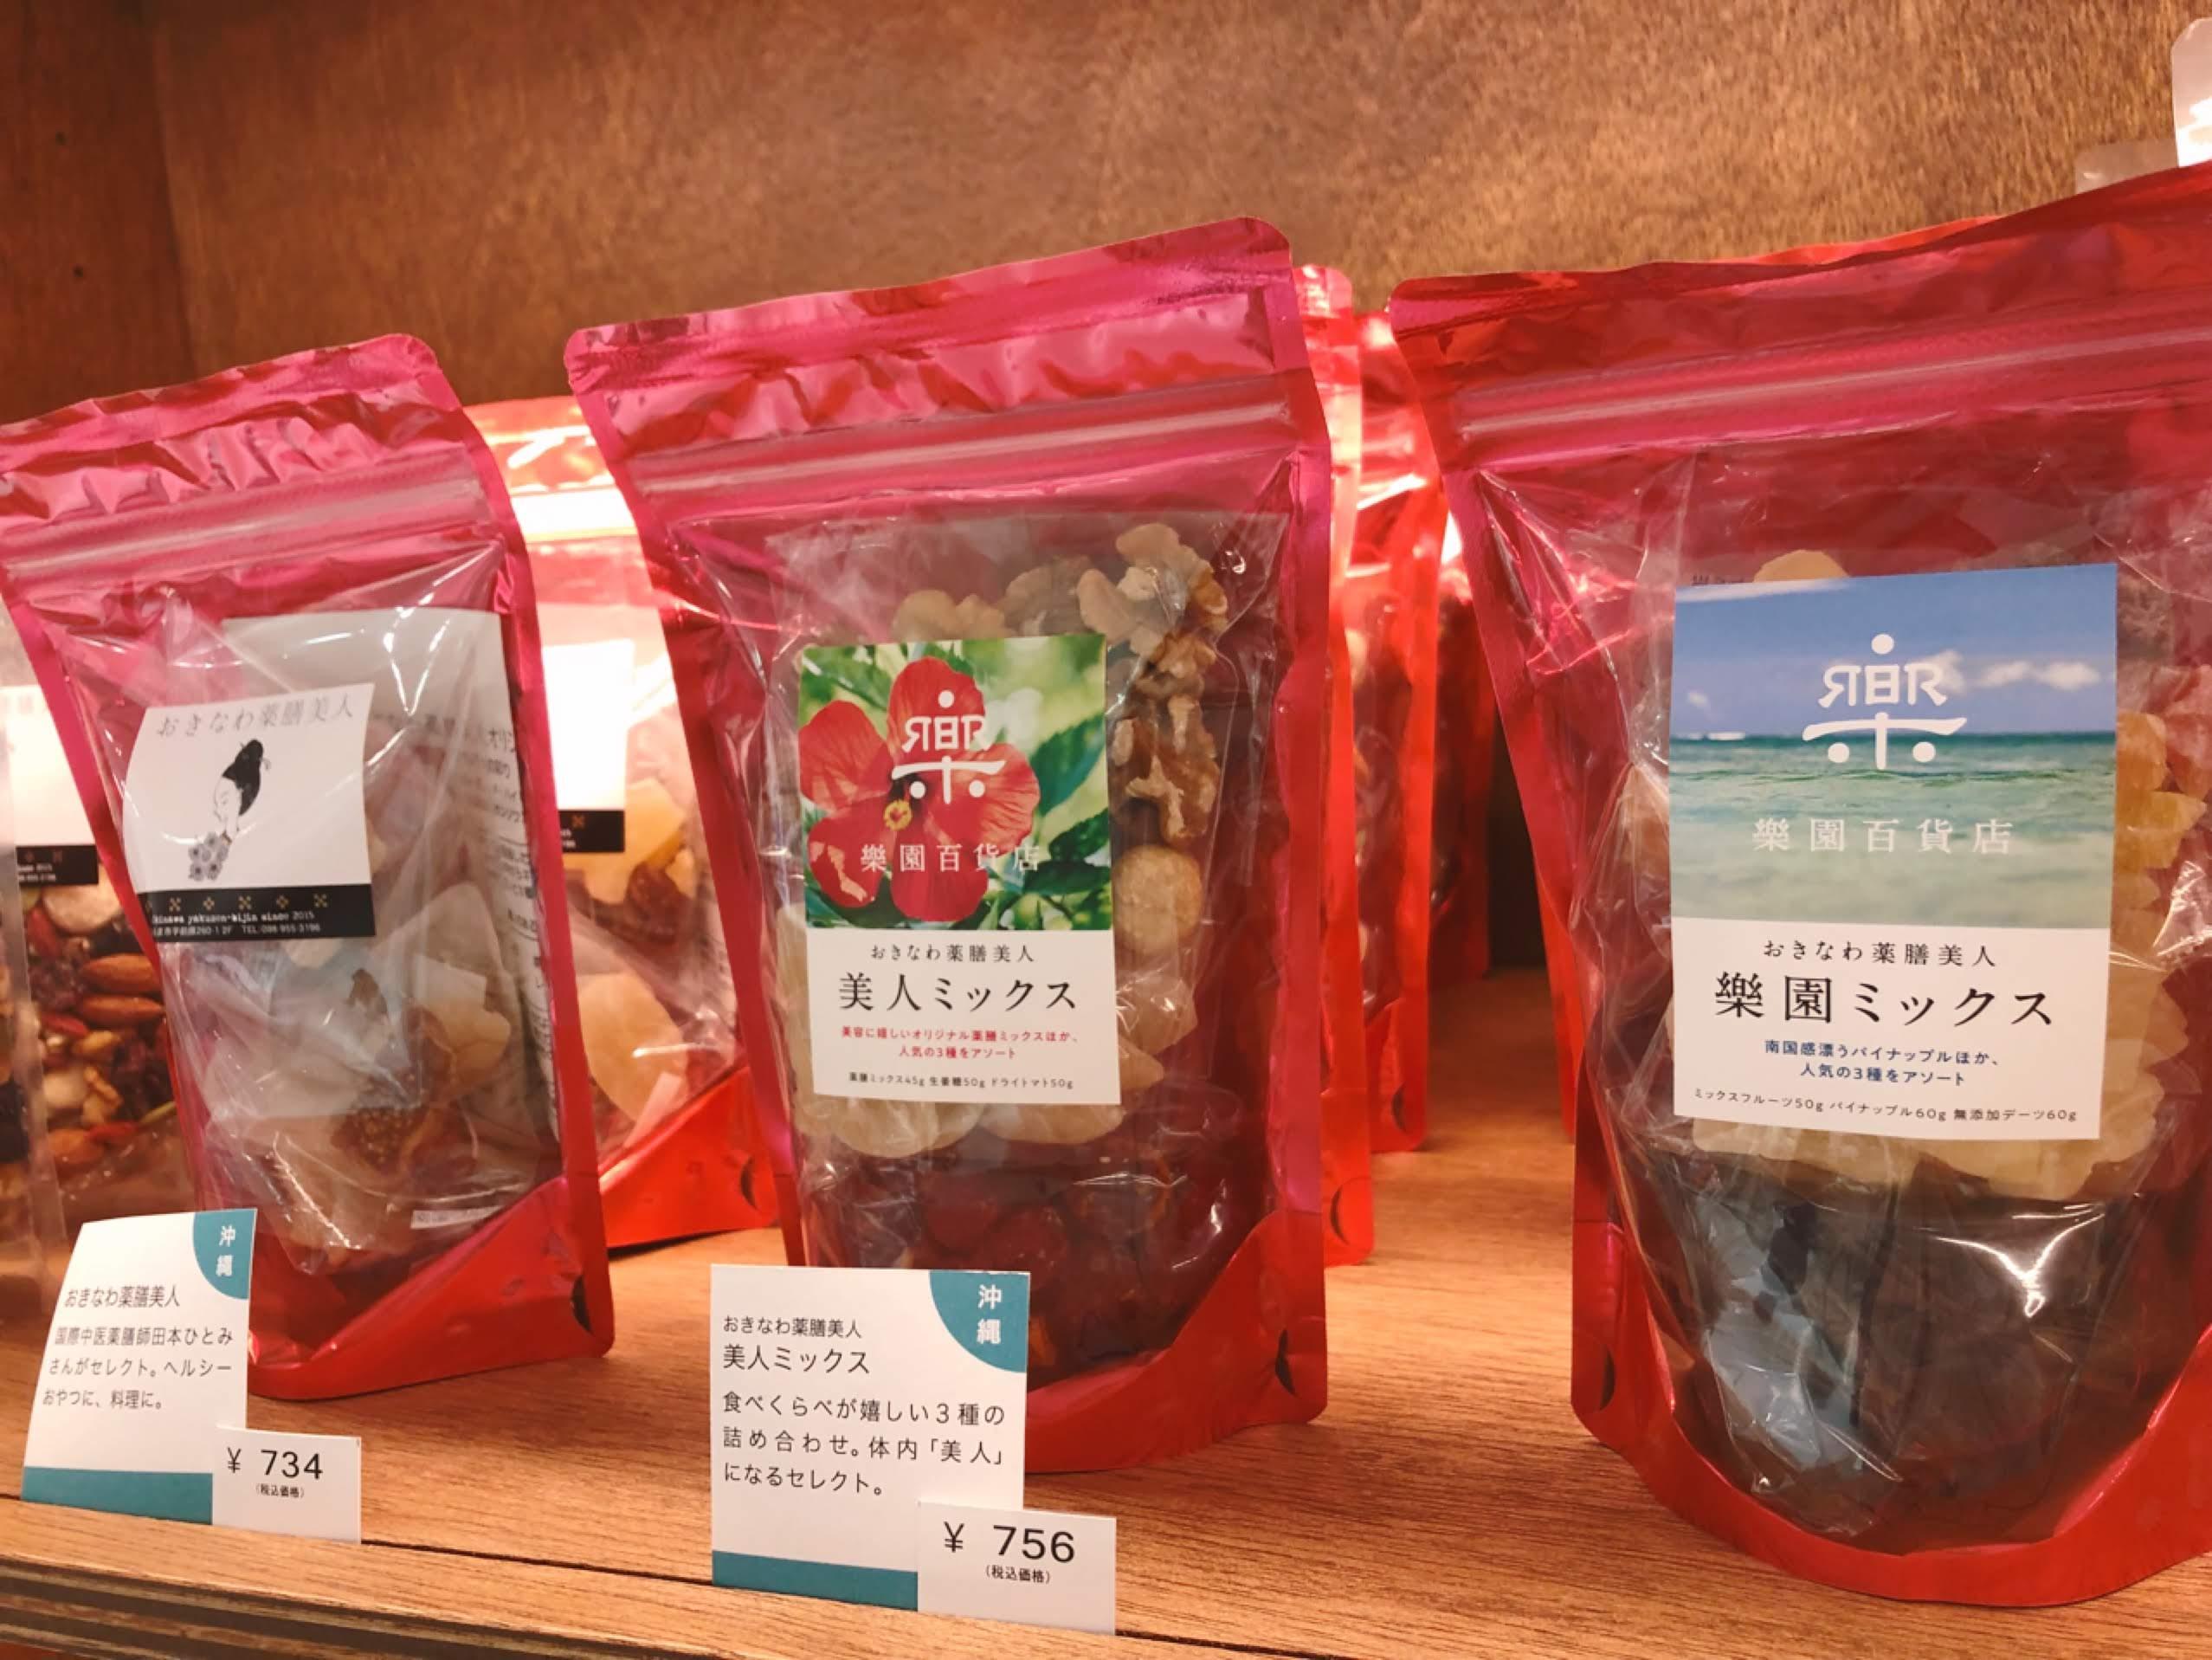 うるま市にある「薬膳とナチュラル食品のお店」とコラボした薬膳食材の詰め合わせ